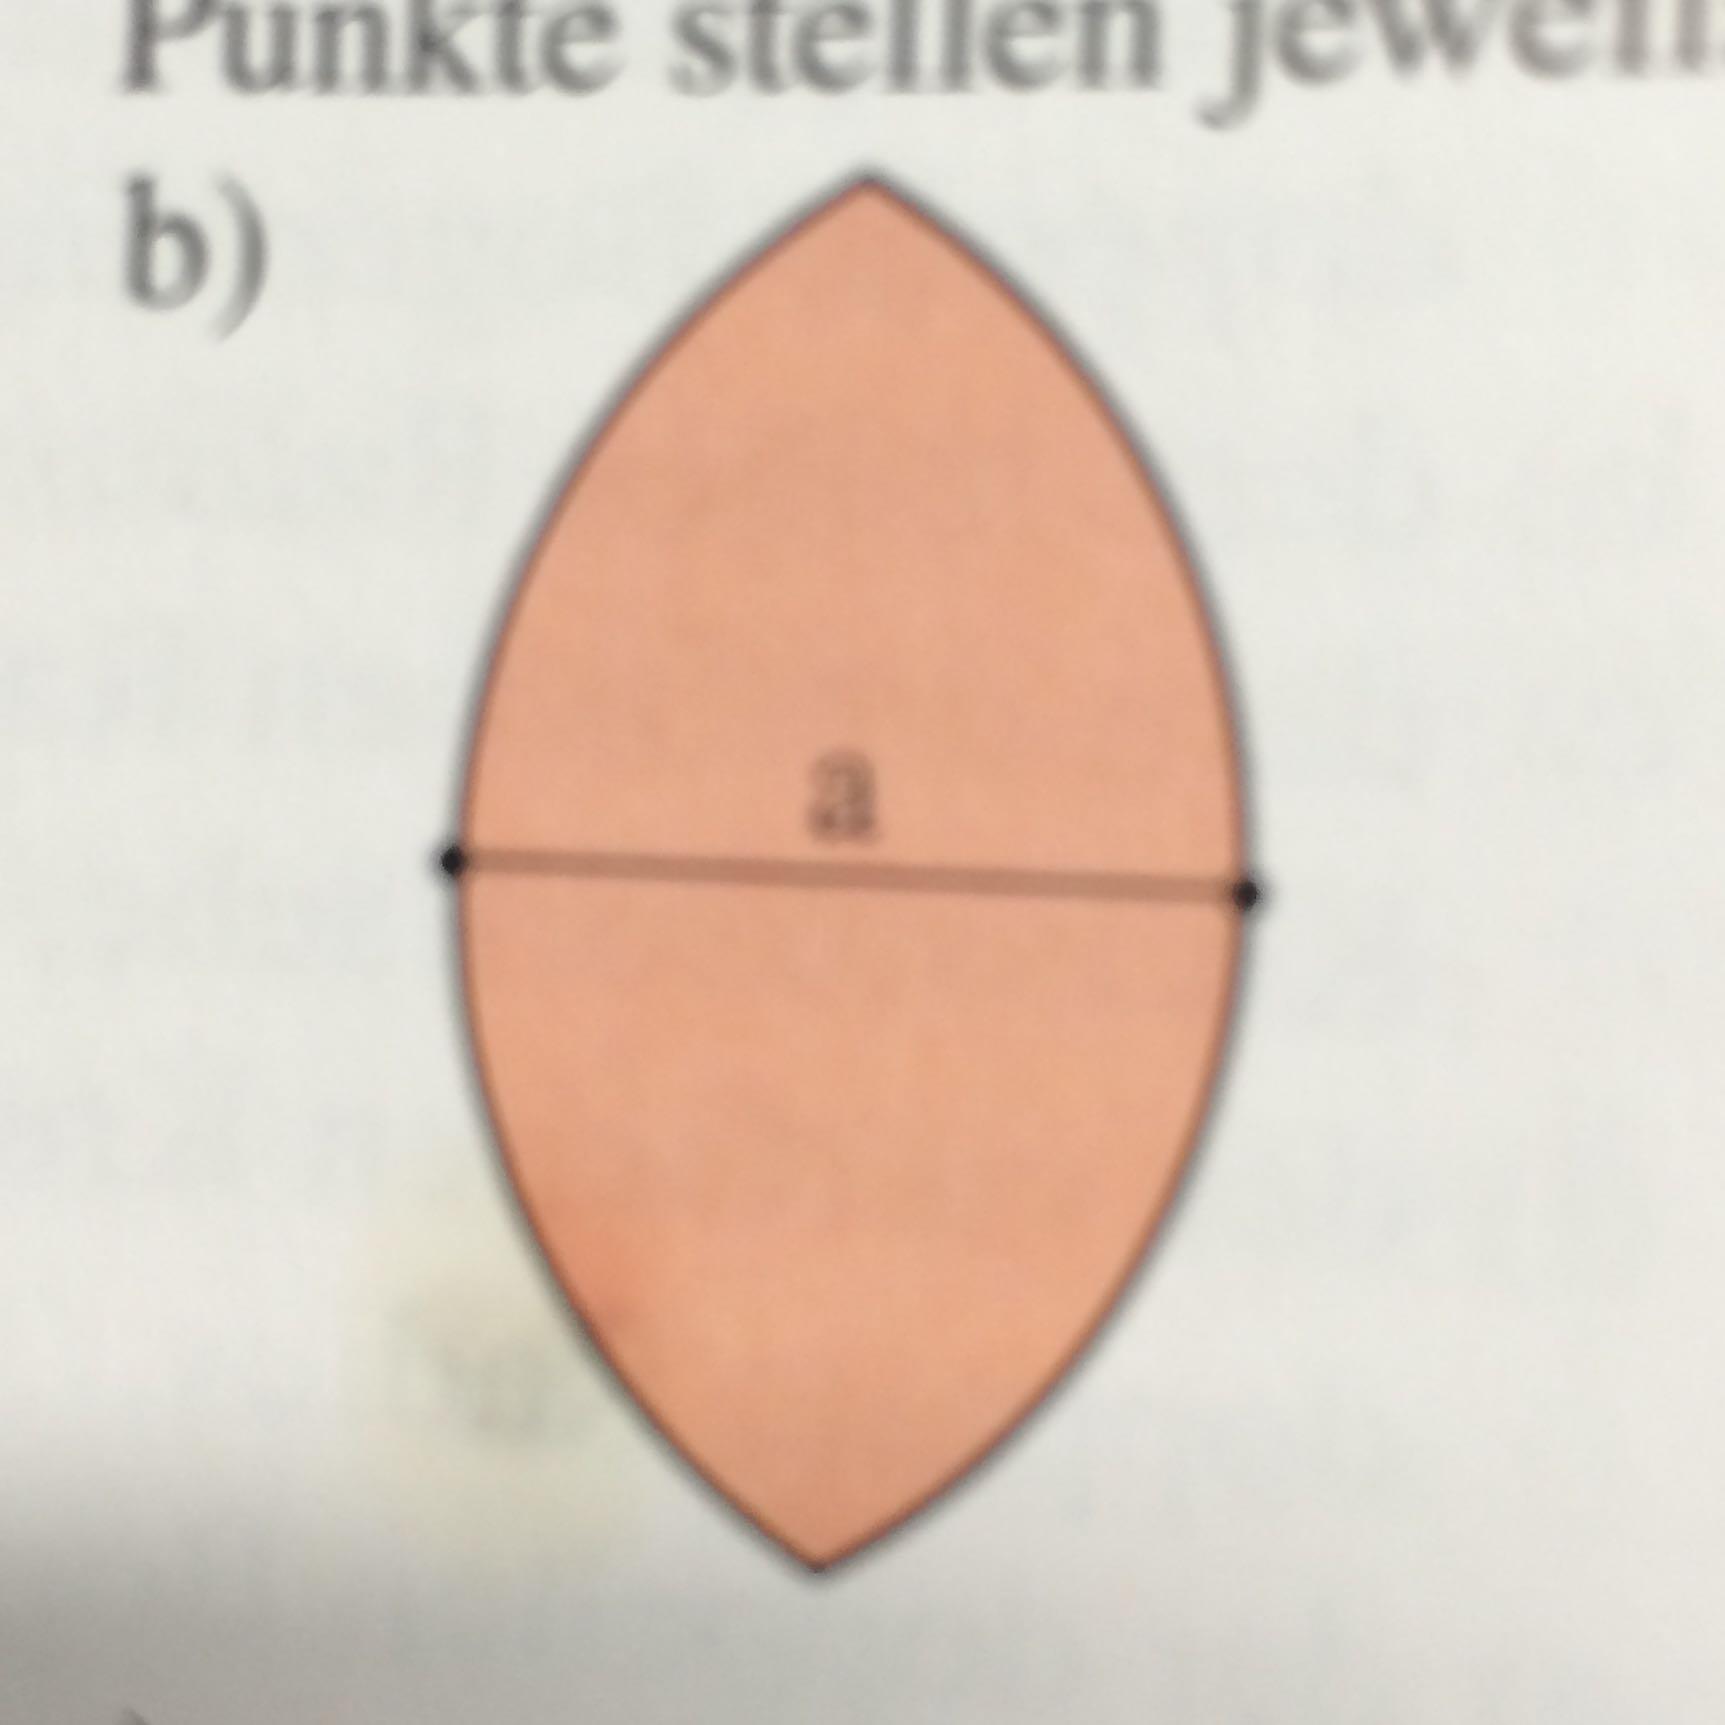 wie berechnet man bei dieser figur den flächeninhalt und den